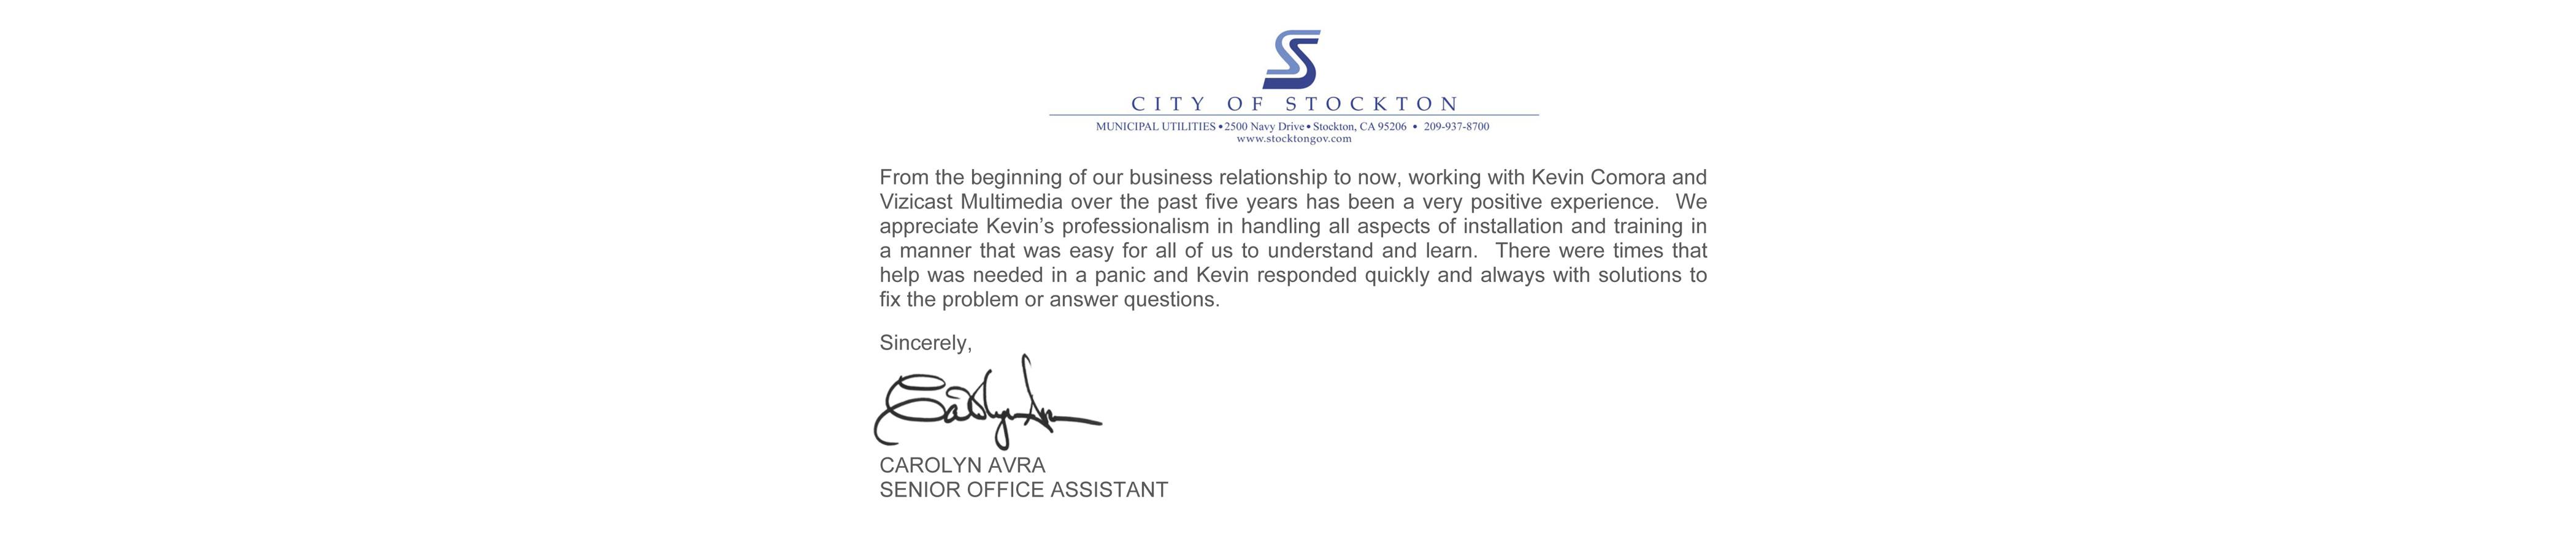 Testimonies Stockton